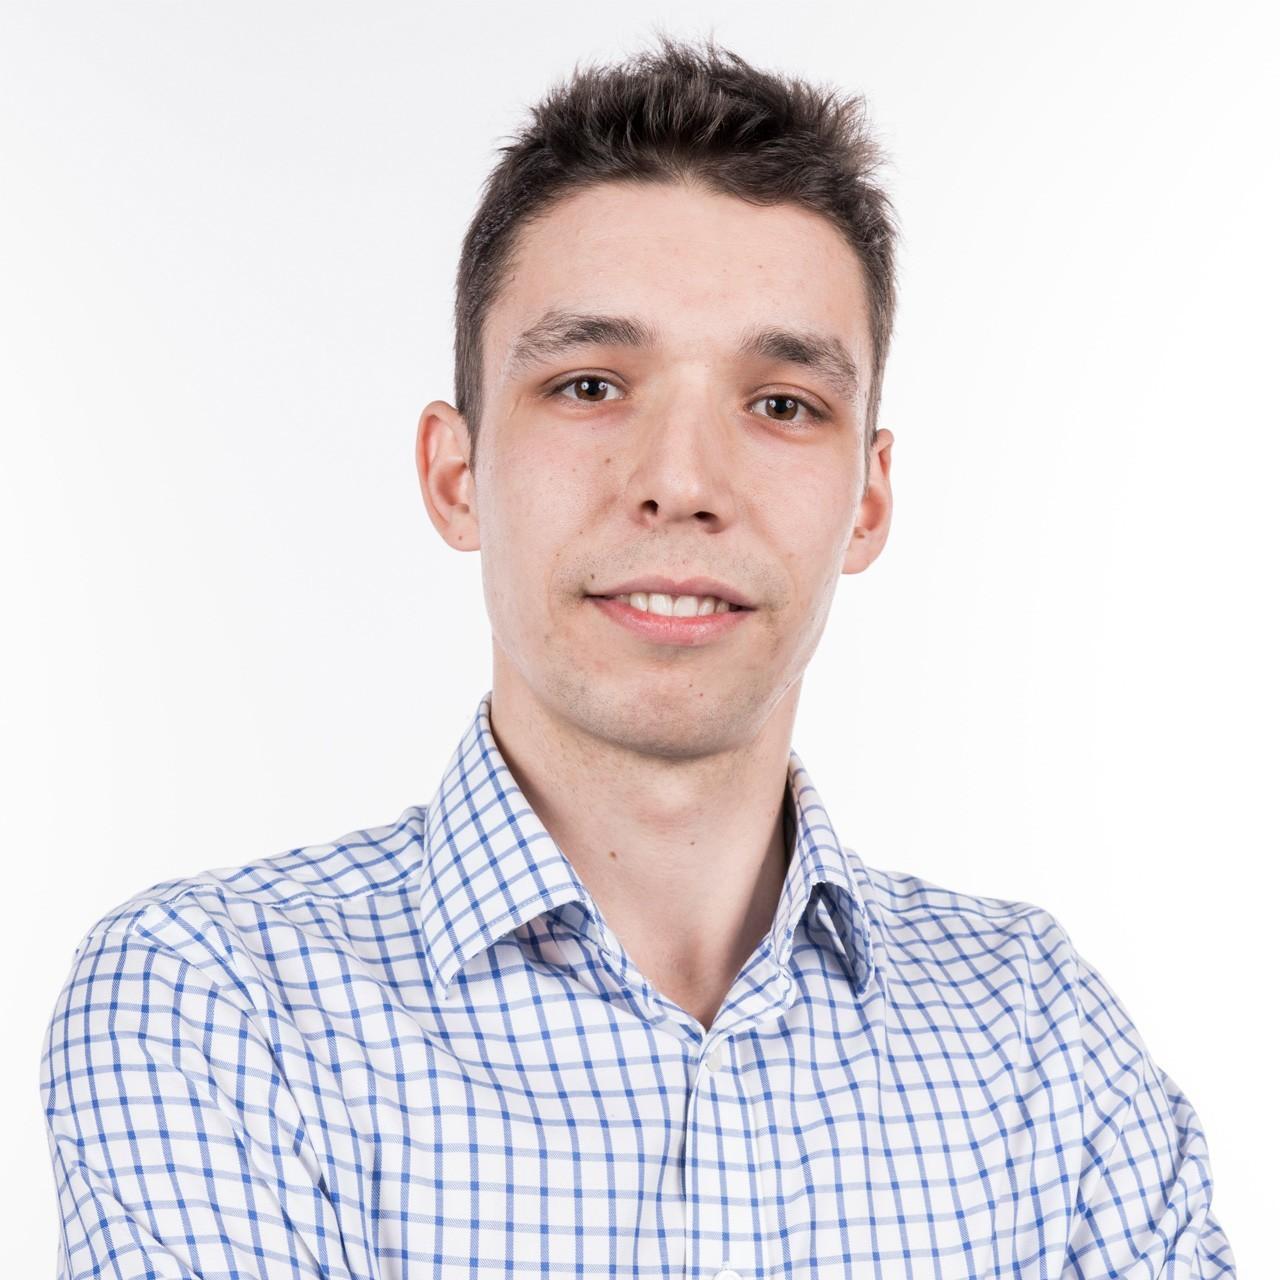 Tomasz-Wierzchowski